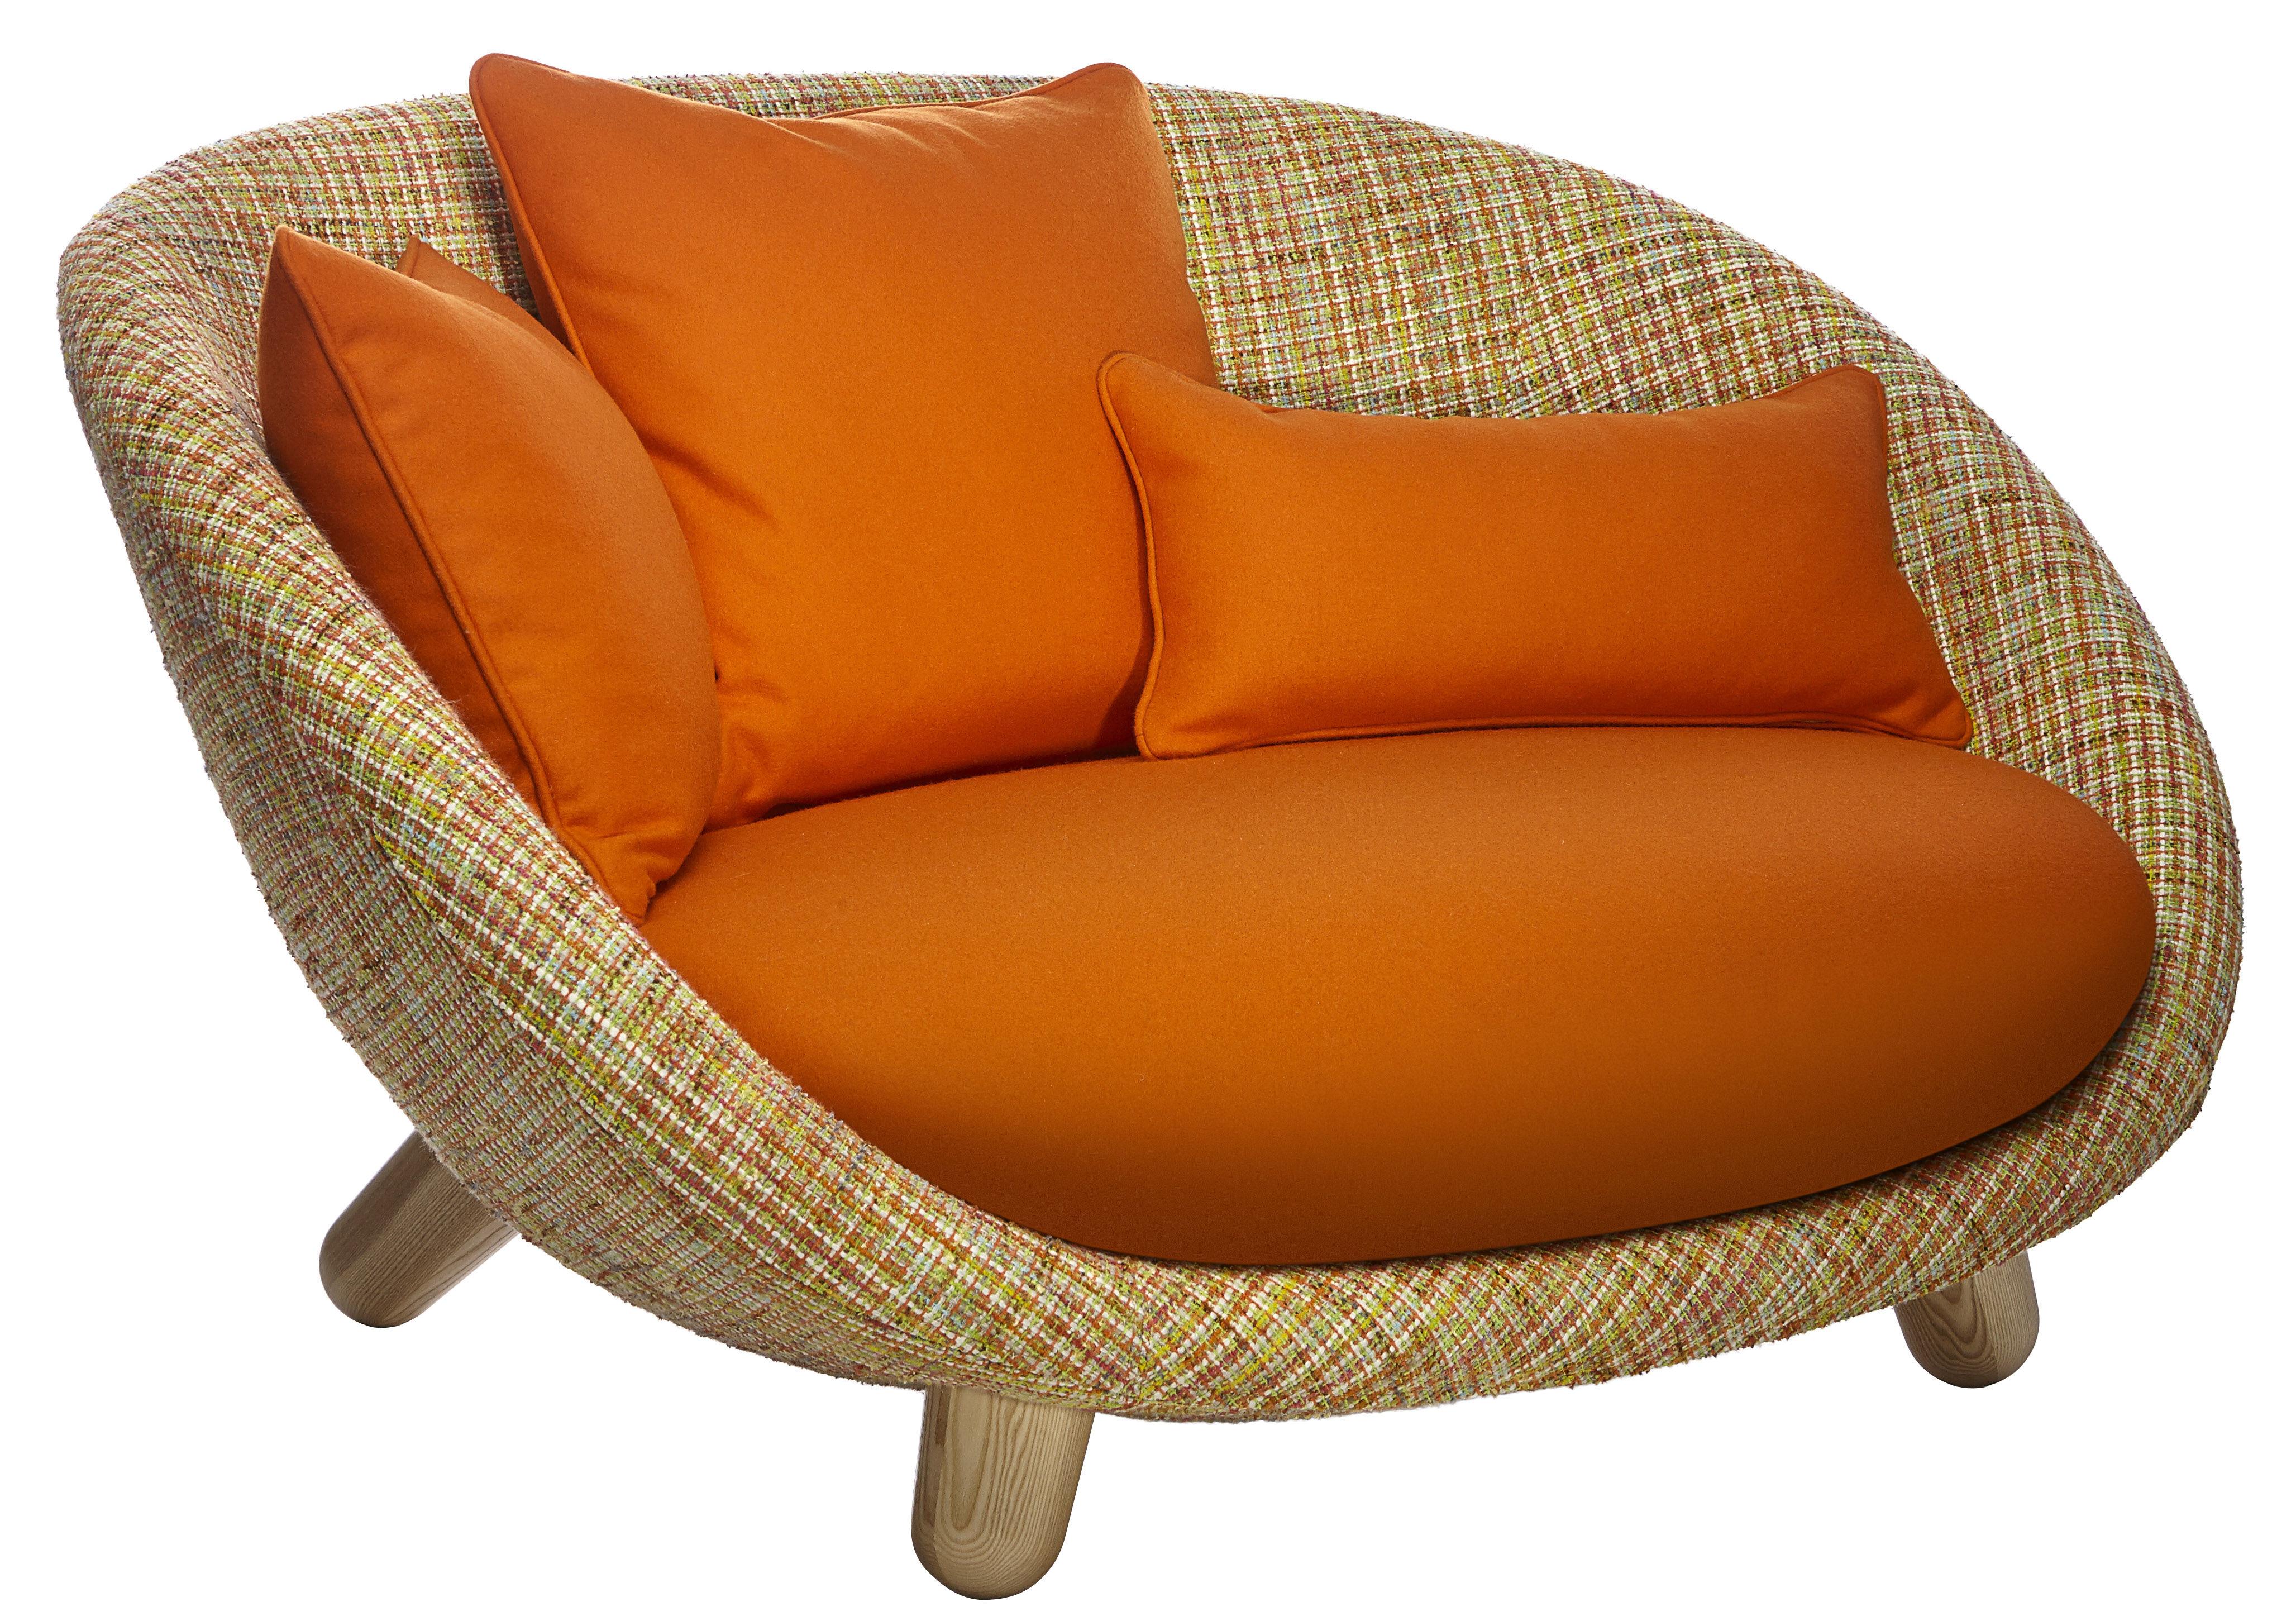 canap droit love 2 places l 130 cm multicolore coussins orange pieds bois moooi. Black Bedroom Furniture Sets. Home Design Ideas